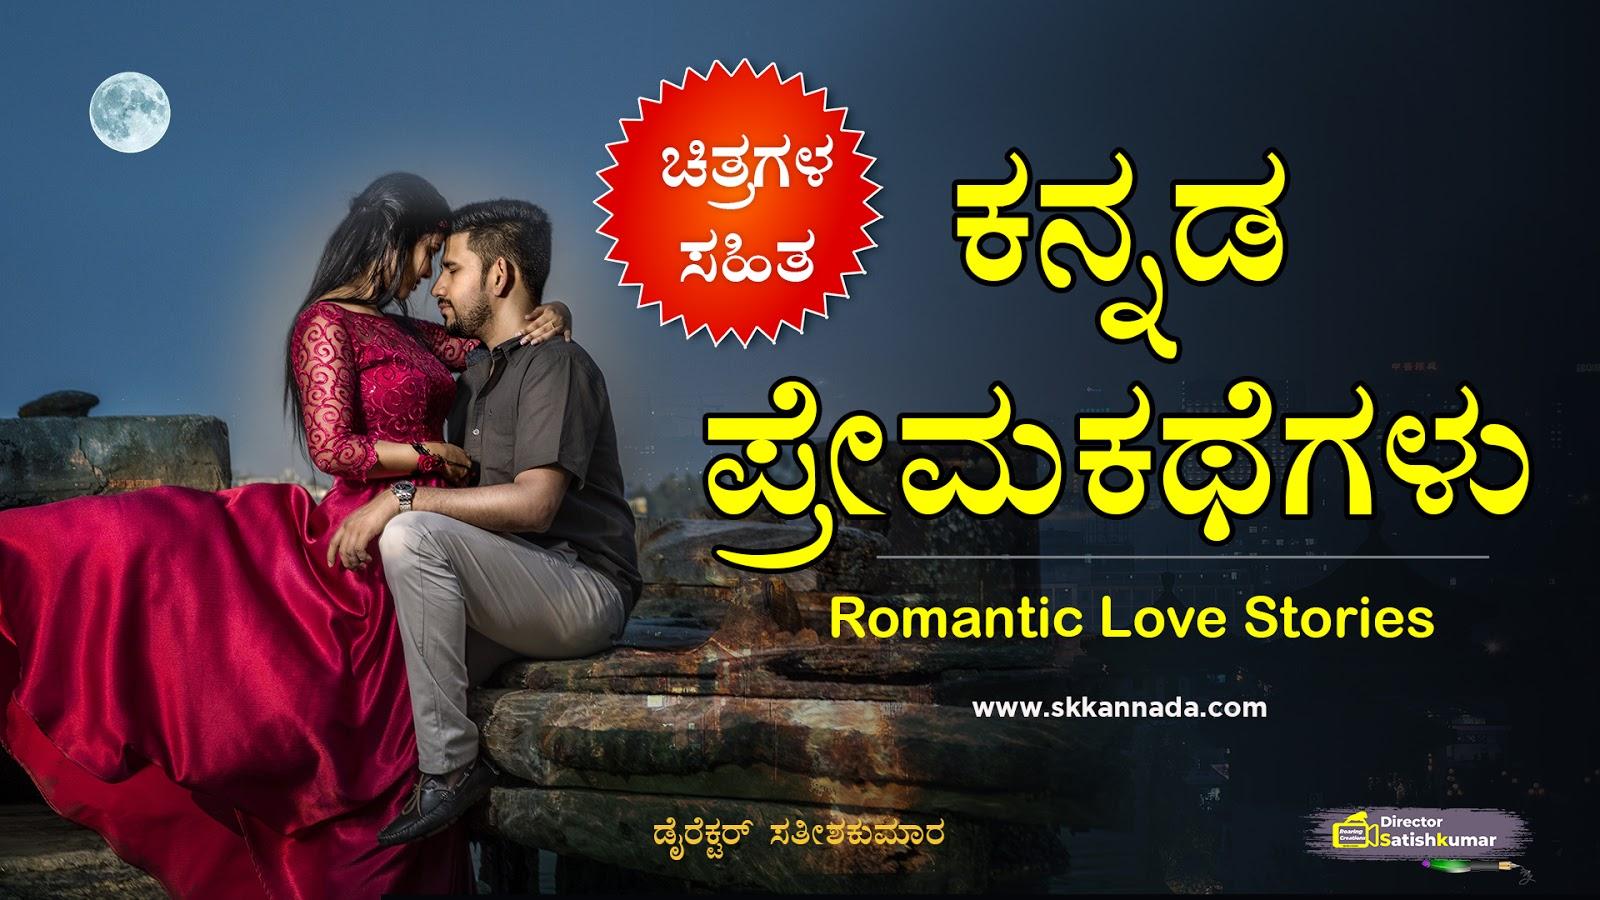 ಕನ್ನಡ ಪ್ರೇಮಕಥೆಗಳು - Kannada Love Stories- Love stories in Kannada